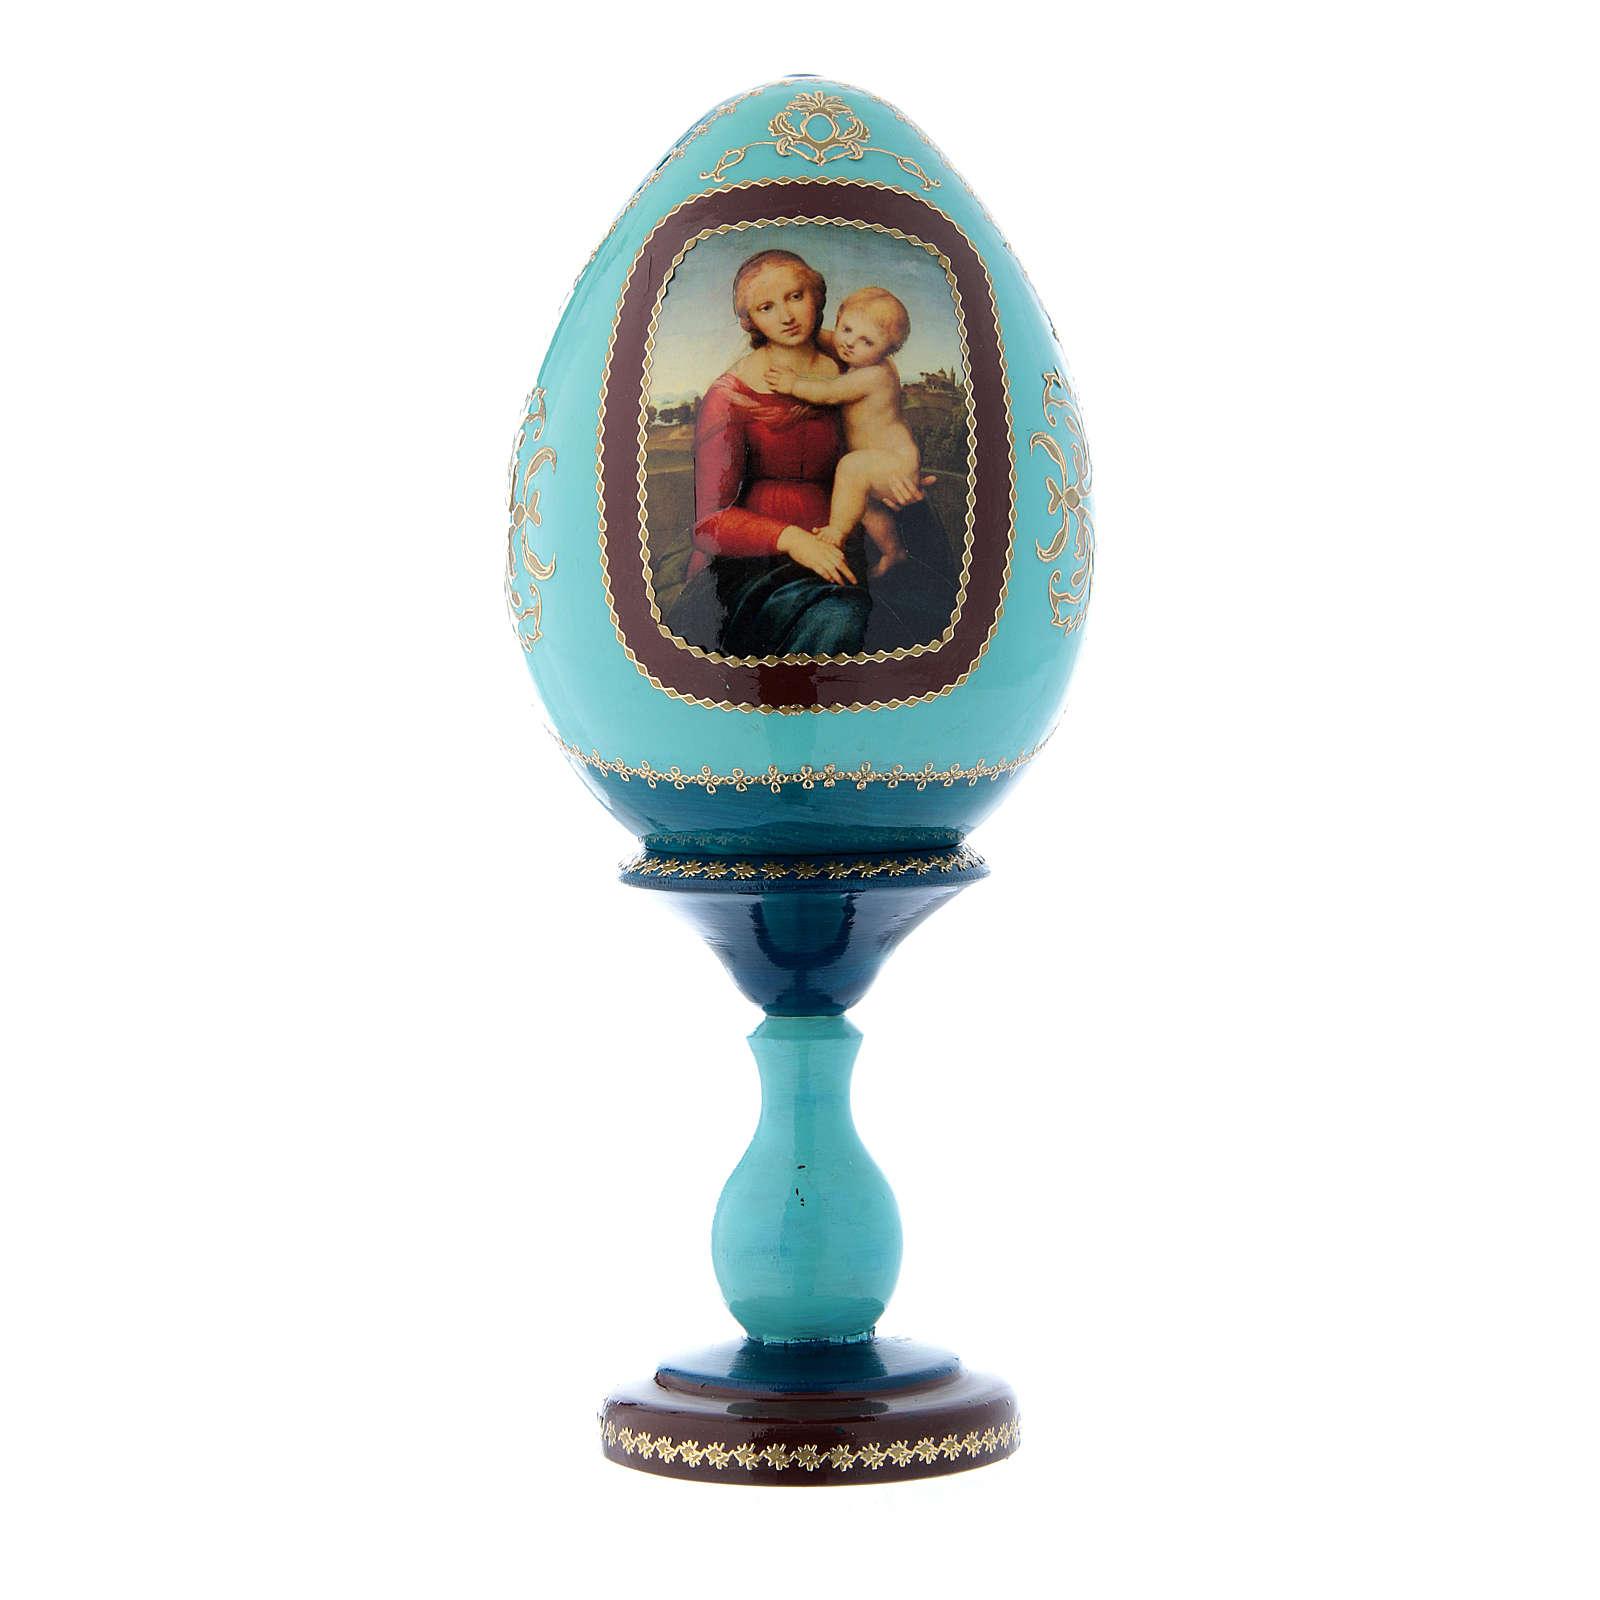 Huevo azul ruso decorado a mano La Pequeña Virgen Cowper h tot 20 cm 4